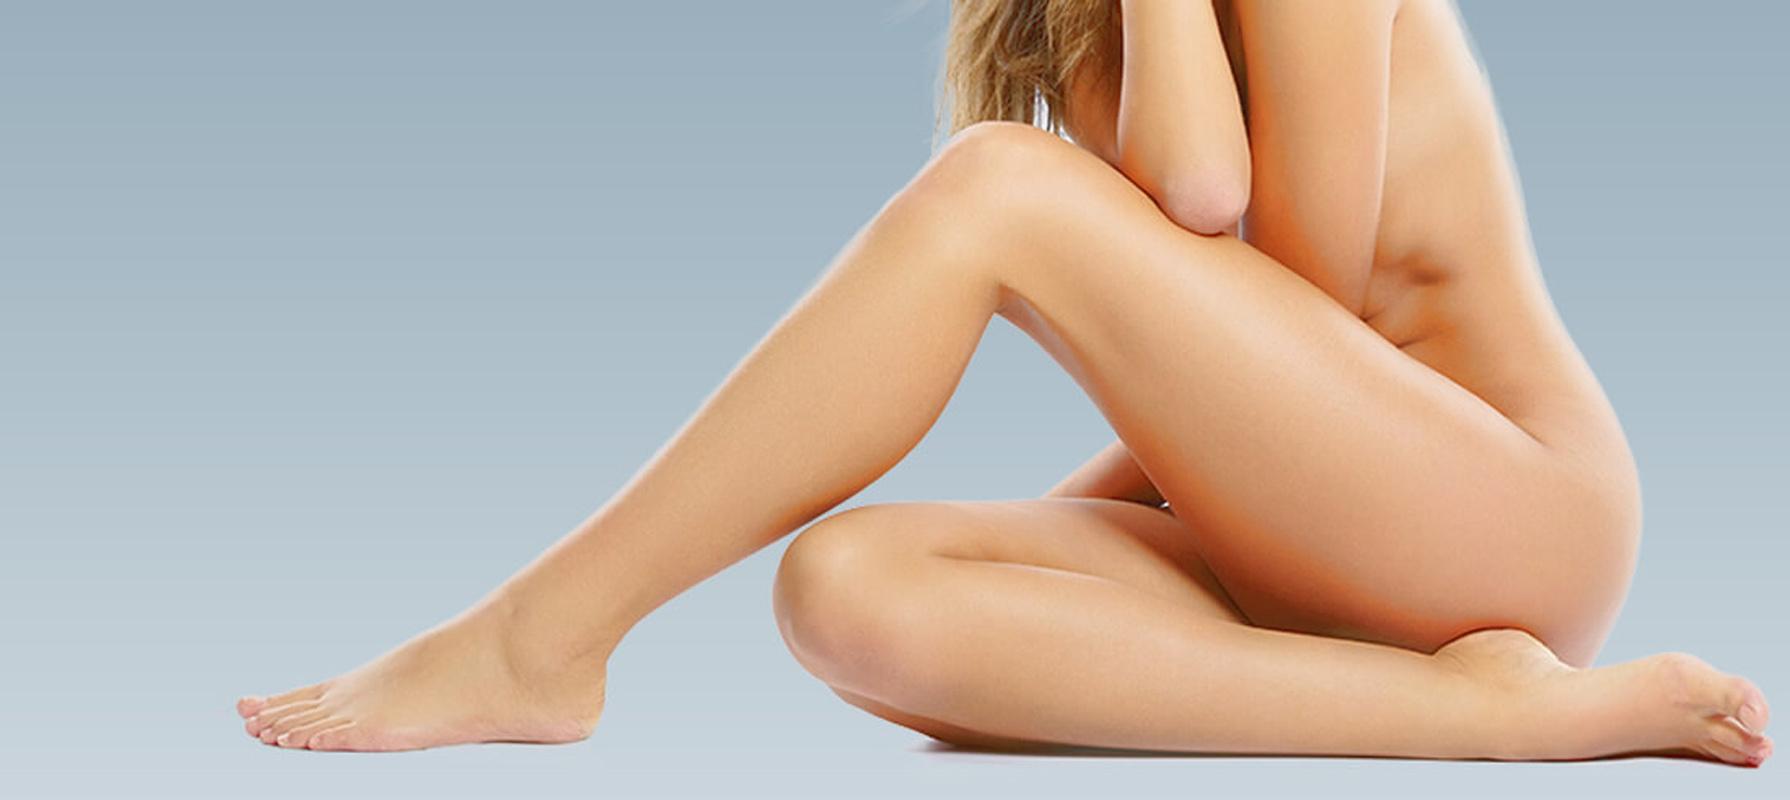 Liposuzione caviglie Arconate, il Dottor Raoul Novelli, annoverato tra i migliori chirurghi plastici